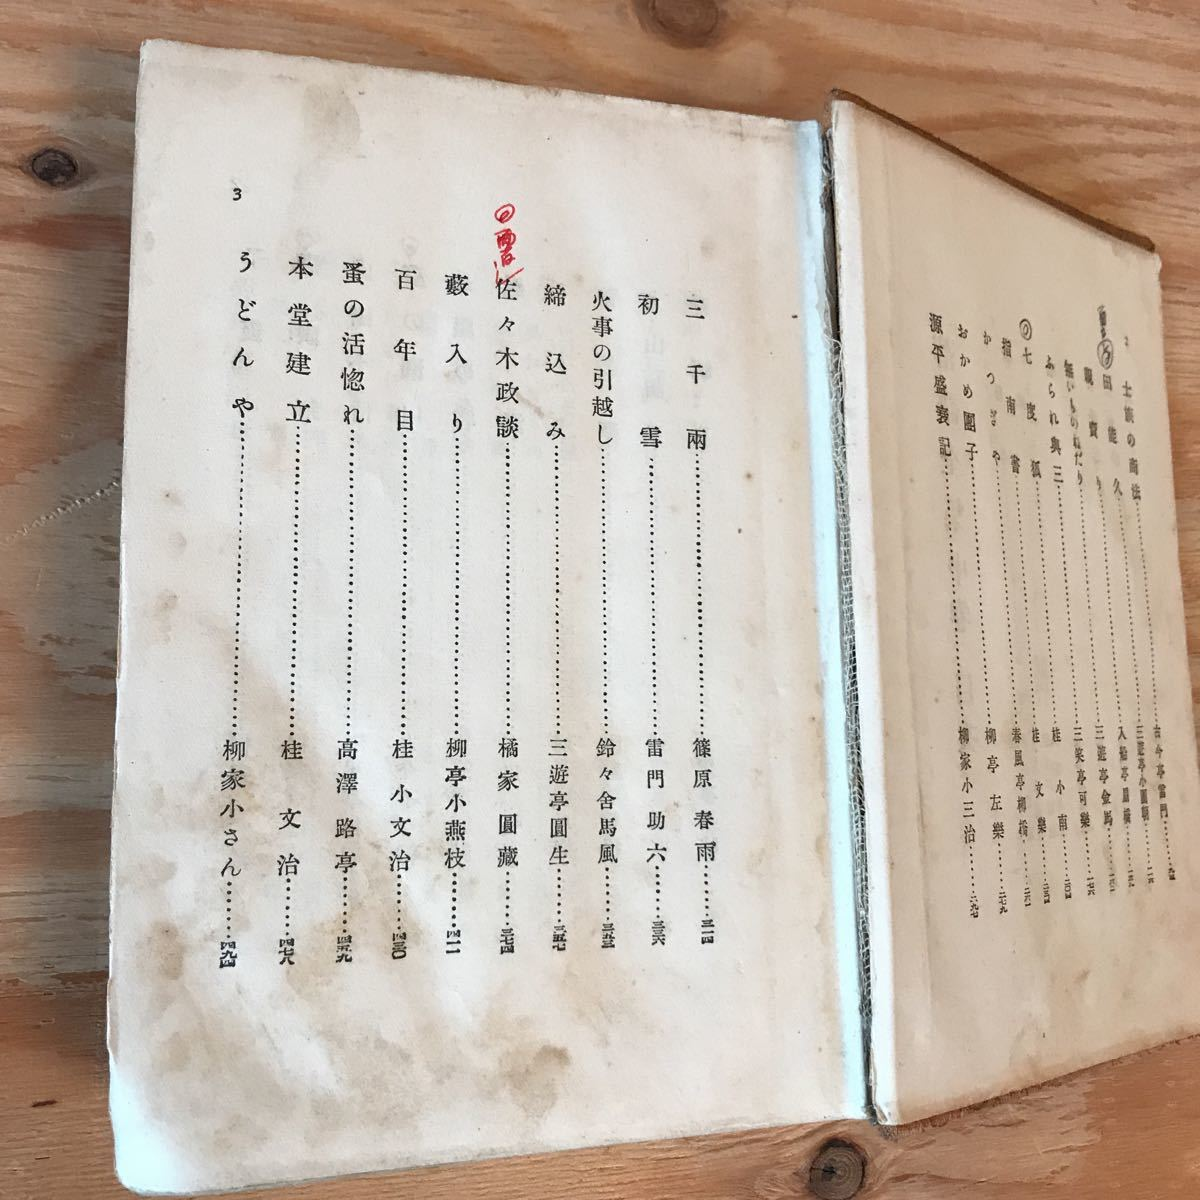 ◎えD-191128 レア[落語全集 中] 狂歌の餅 指南書 縁切榎_画像5